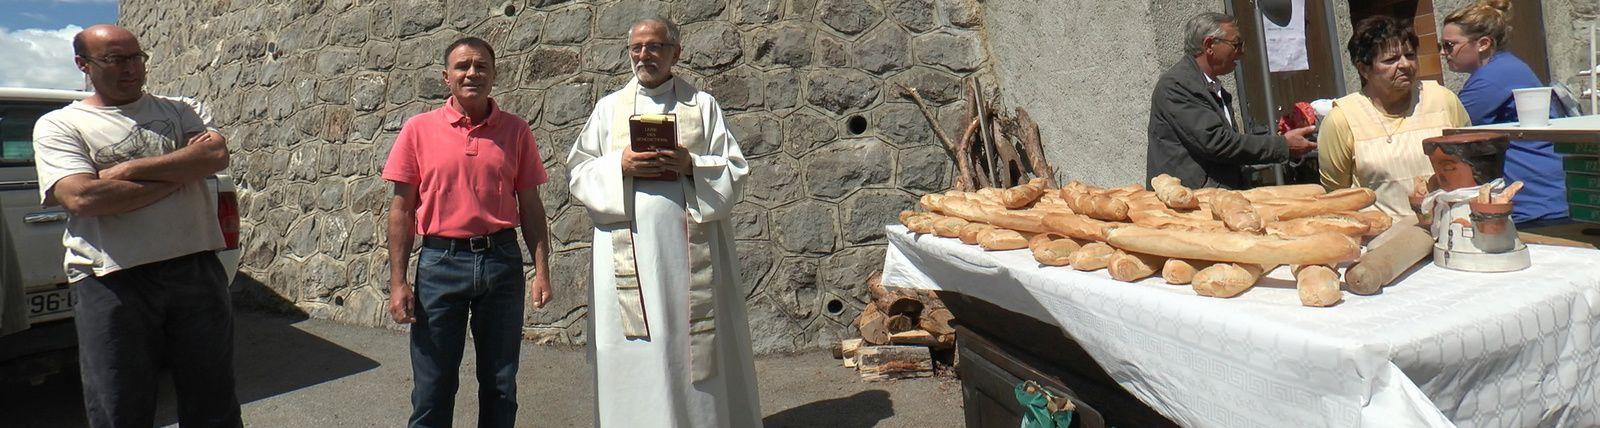 Fête du pain – St-Julien-du-Verdon.